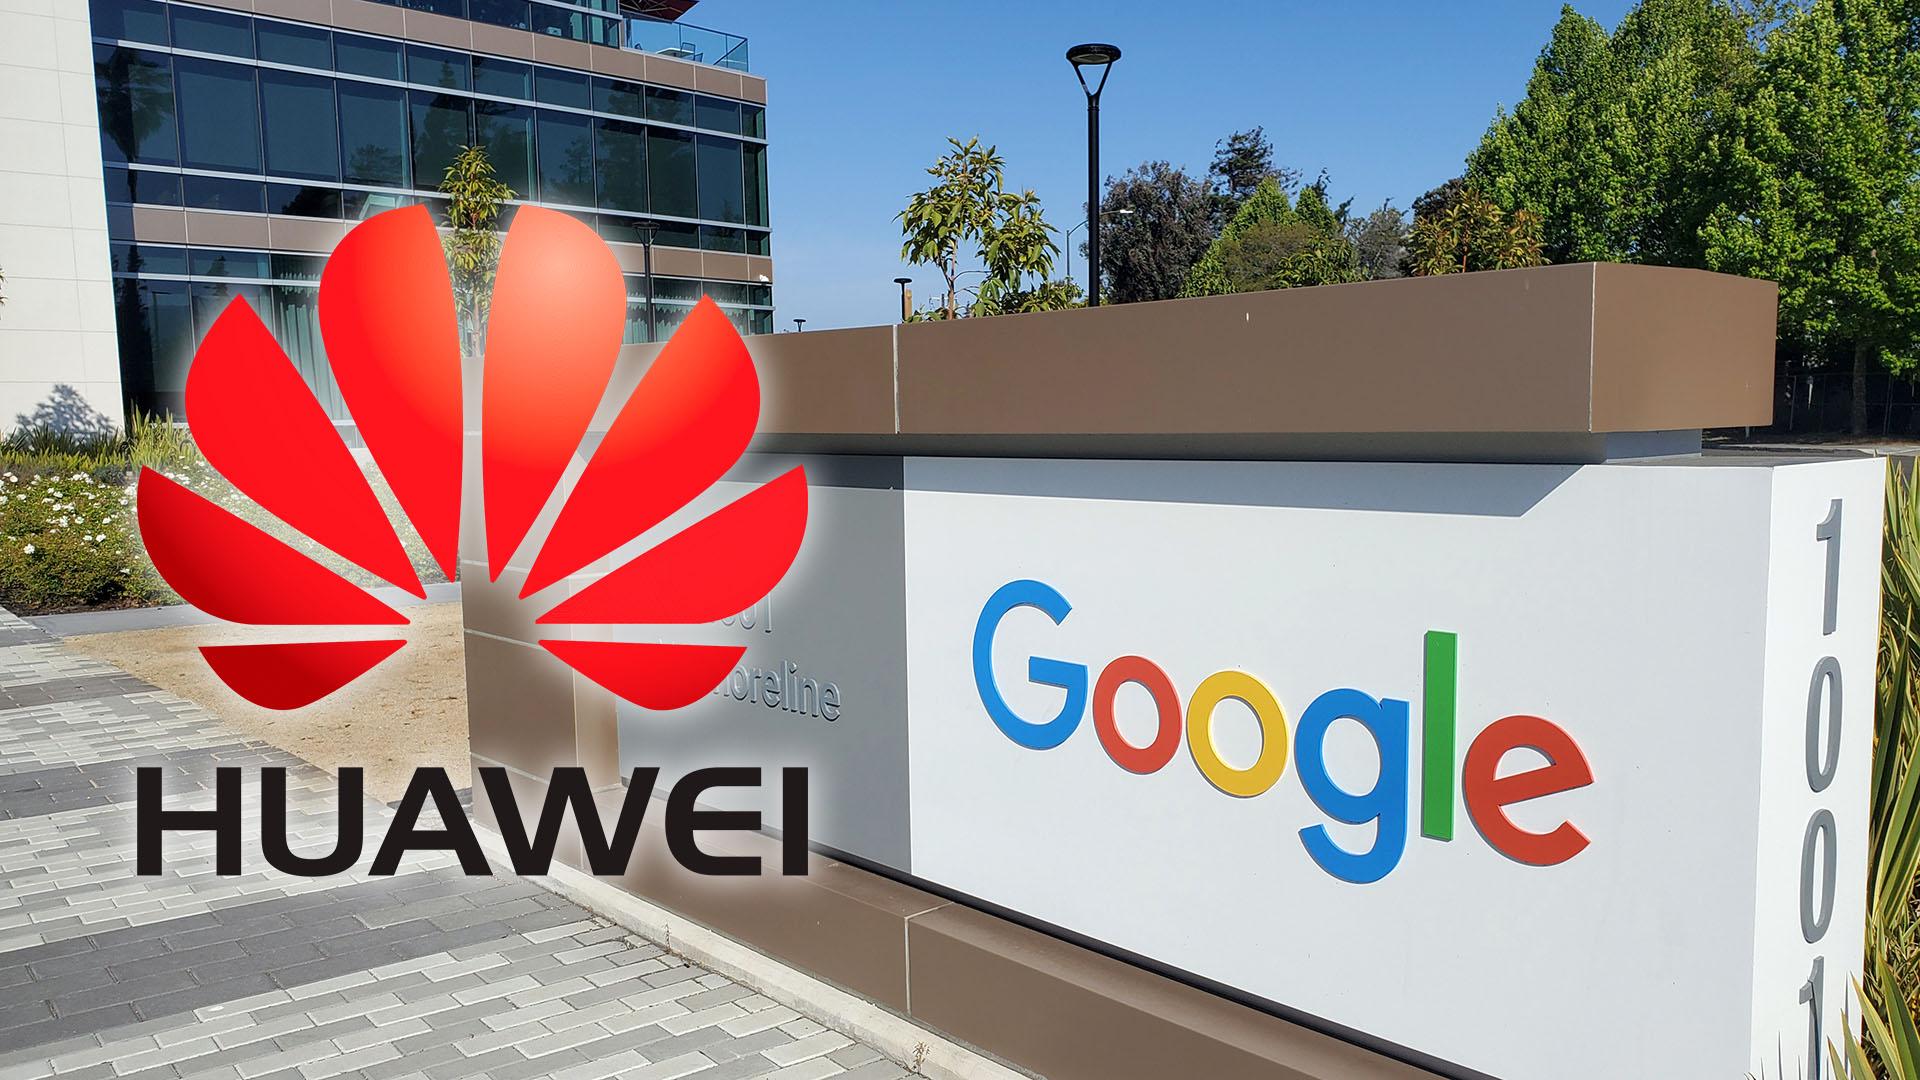 Obrázek: Potřebujeme v mobilech Google? Huawei se nevzdává, představí vlastní náhradu aplikací a služeb